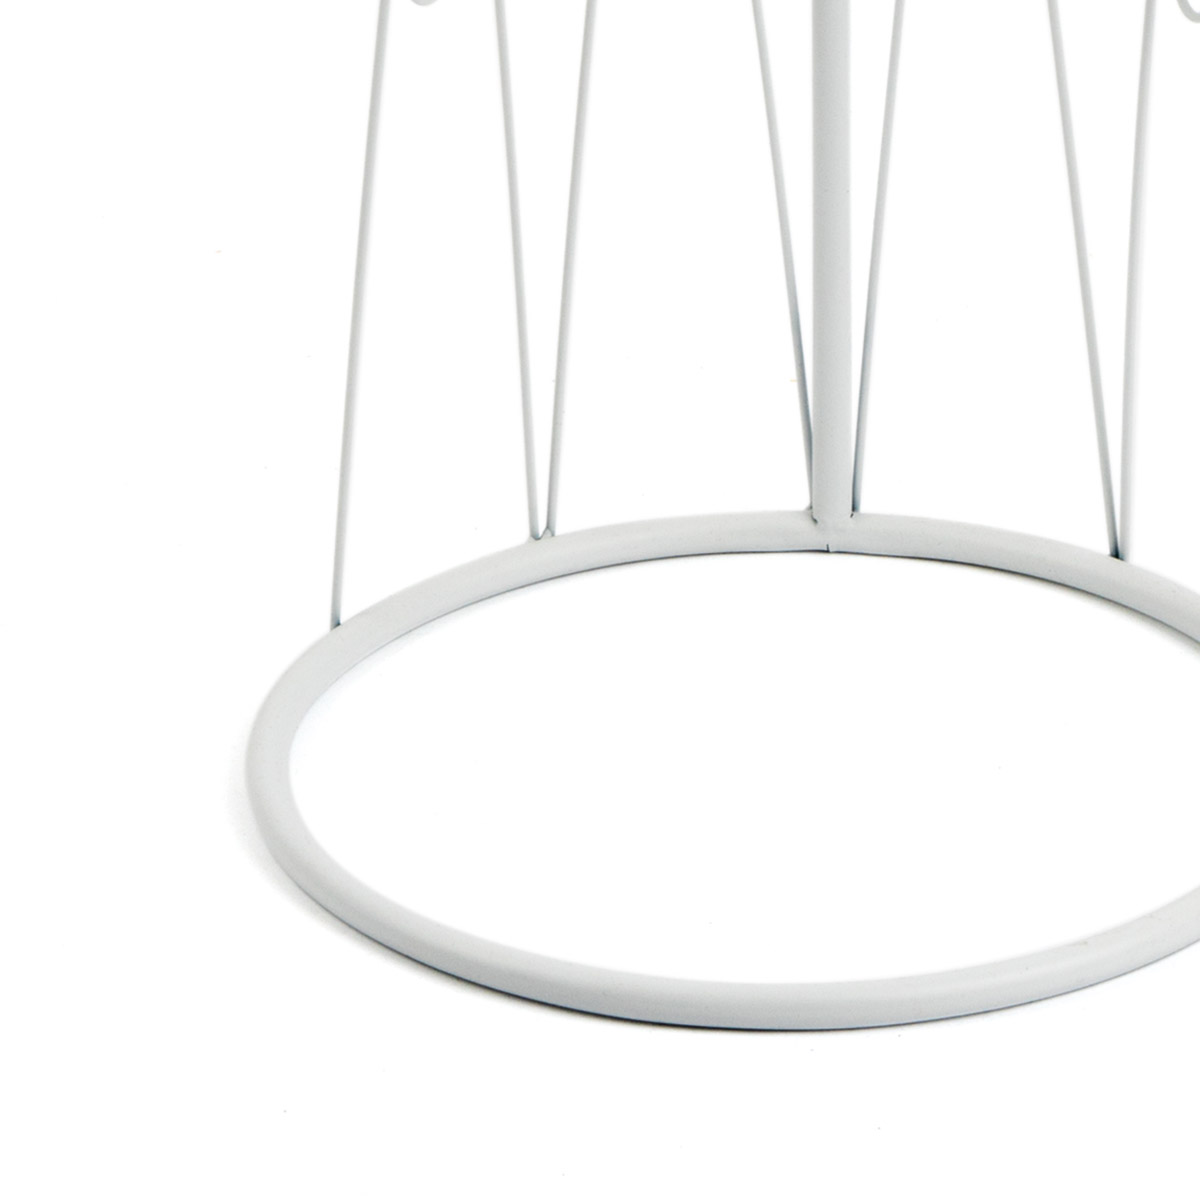 esa auxiliar Metal Auxiliares Color Blanca Redonda - Diseño Estilo Nórdico Vintage - Dormitorio Saló